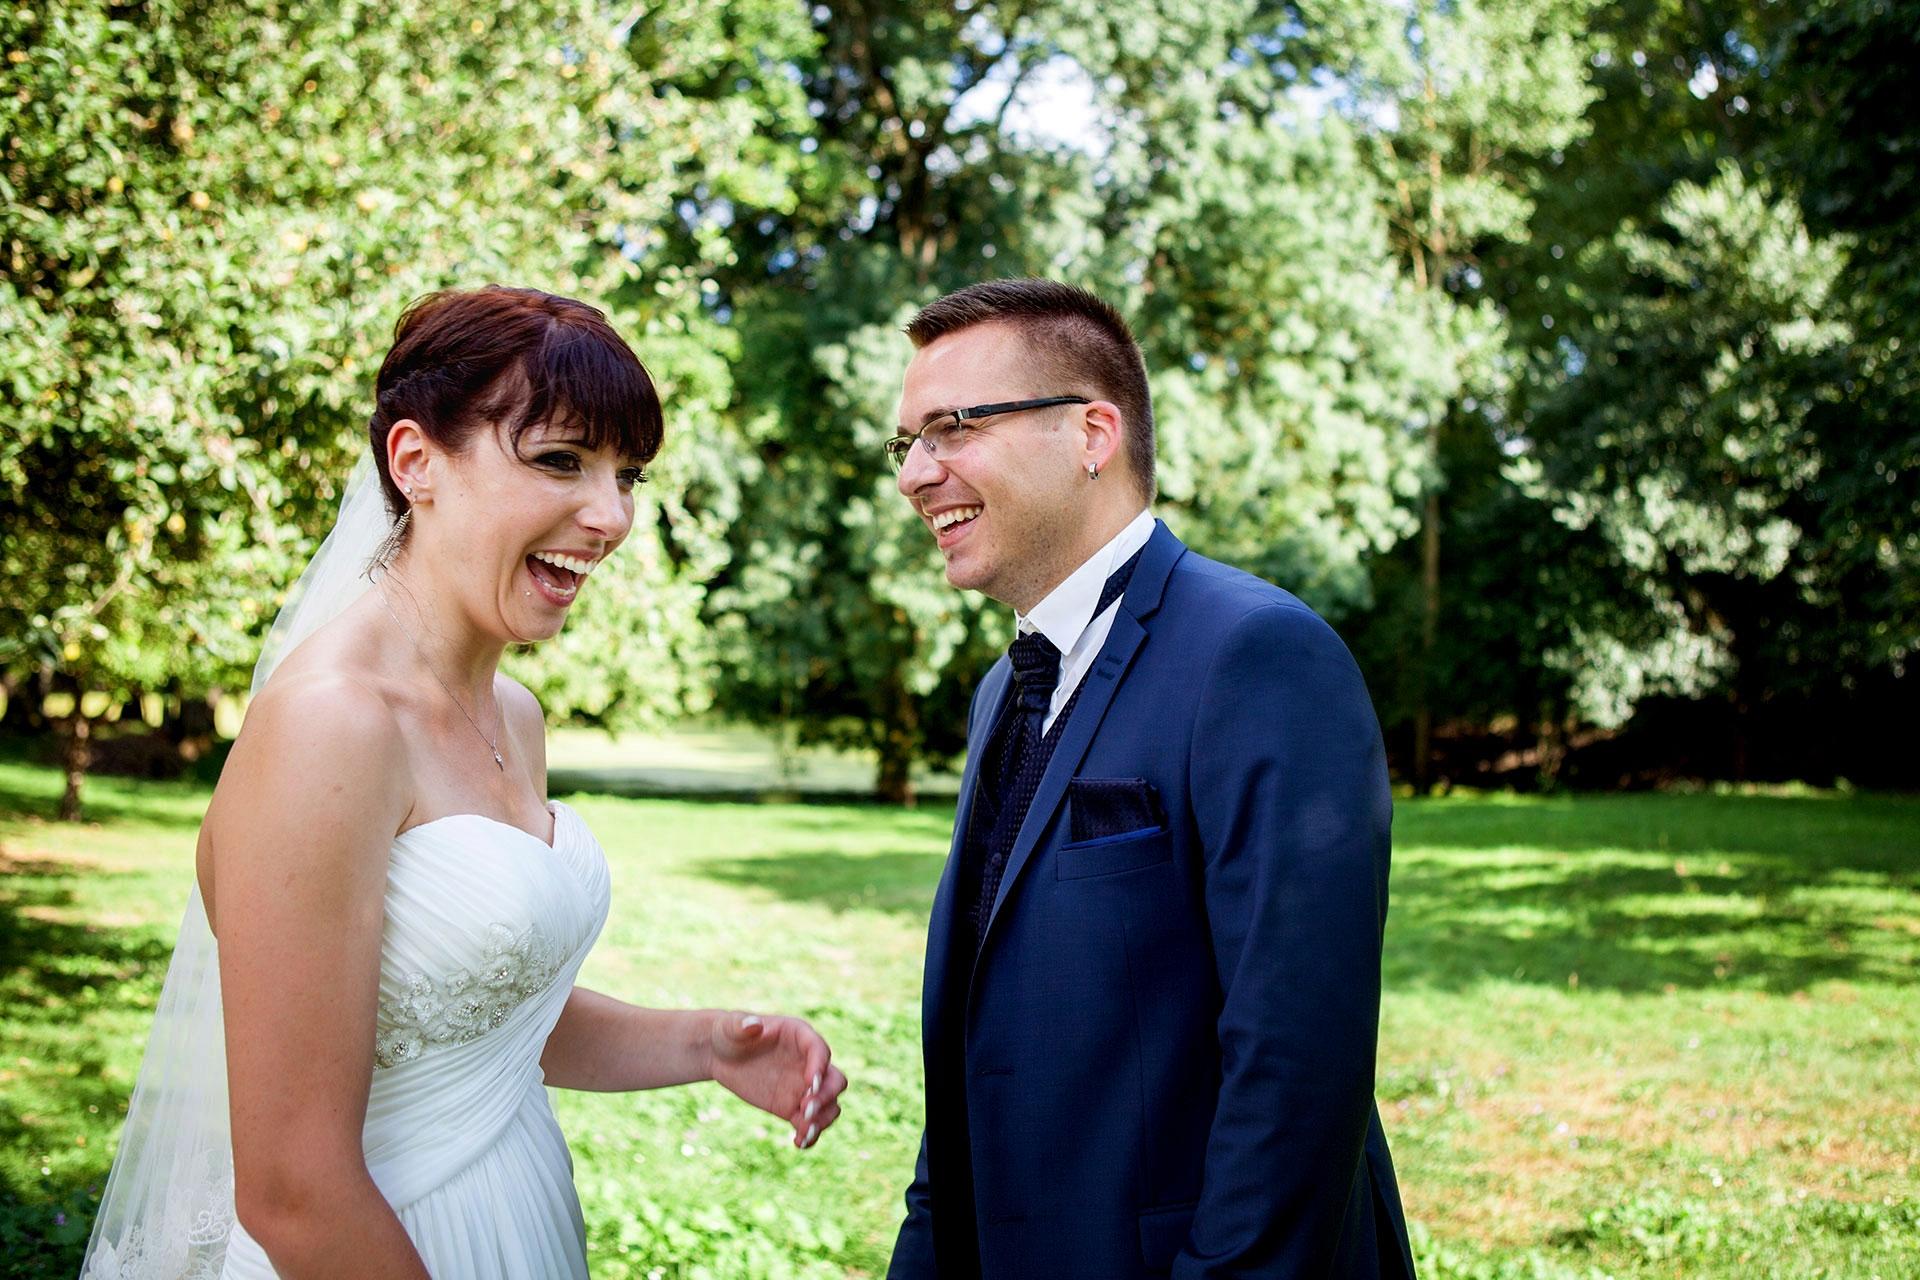 mariage-aurelie-geoffrey-21